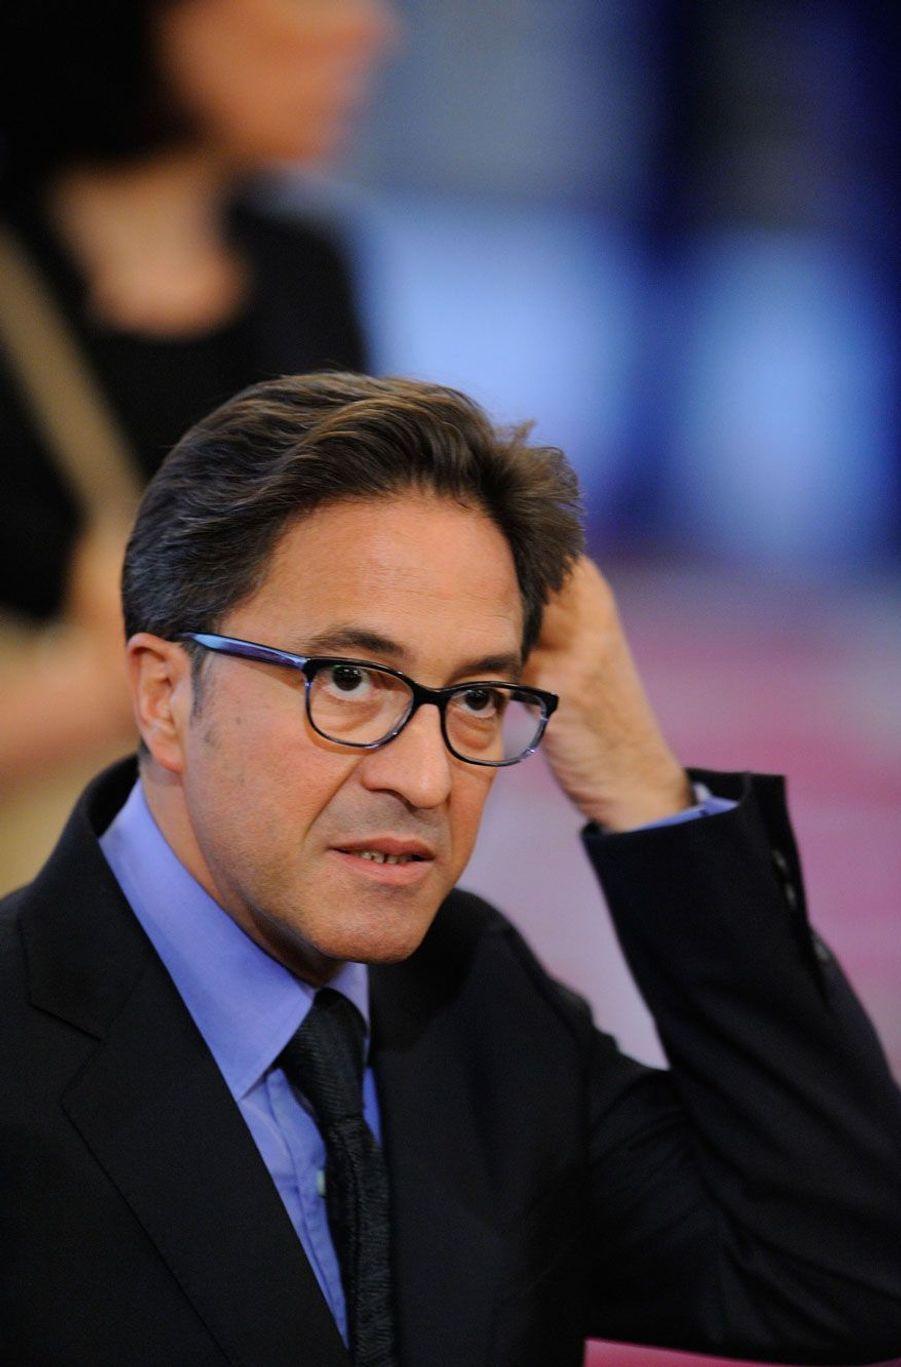 Le 18 avril 2014, Aquilino Morelle, conseiller politique de François Hollande, est contraint de démissionner au lendemain de révélations de Mediapart, qui l'accuse d'avoir touché en 2007 12 500 euros d'un laboratoire danois, Lundbeck, alors qu'il était en poste à l'Inspection générale des Affaires sociales (Igas). L'épisode d'une séance de cirage de chaussures dans les salons de l'hôtel Marigny a également fait grand bruit.